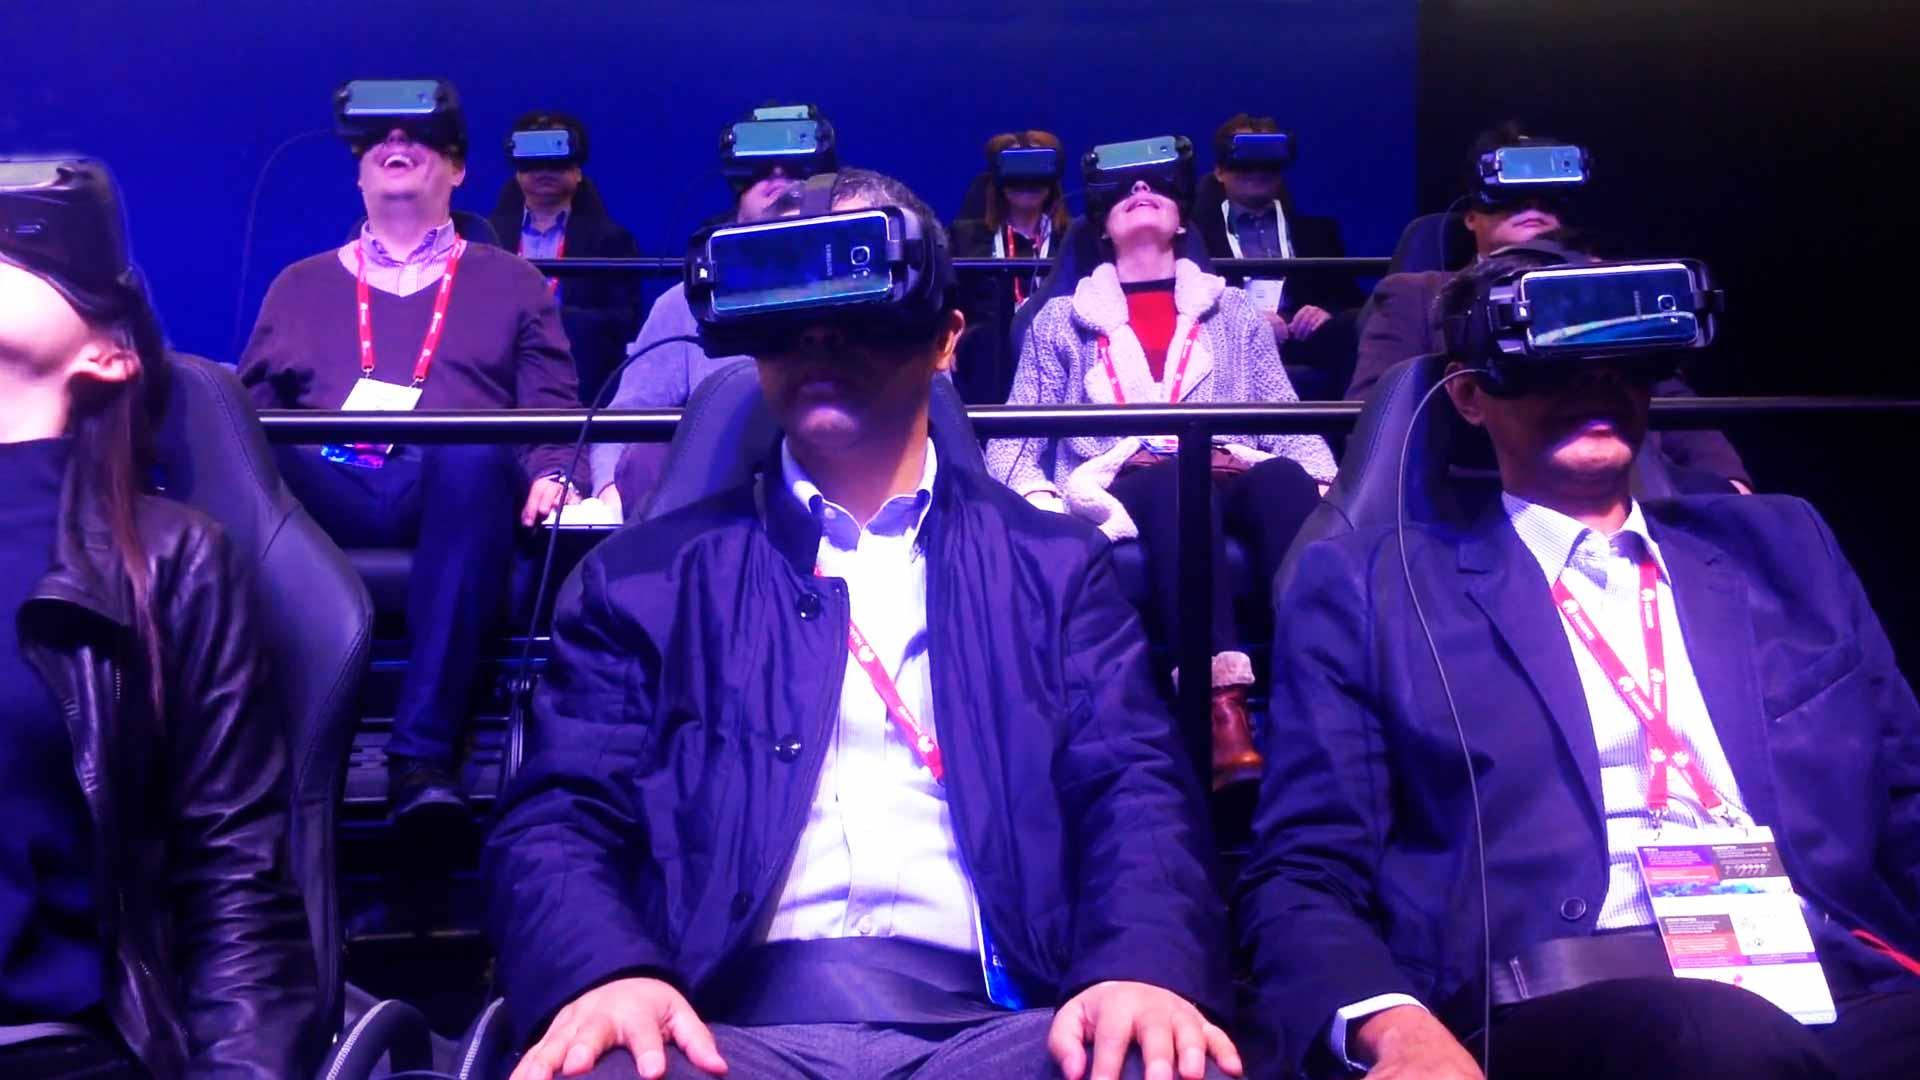 REALIDAD VIRTUAL 360 | Fotos, imágenes y VÍDEOS 360 grados